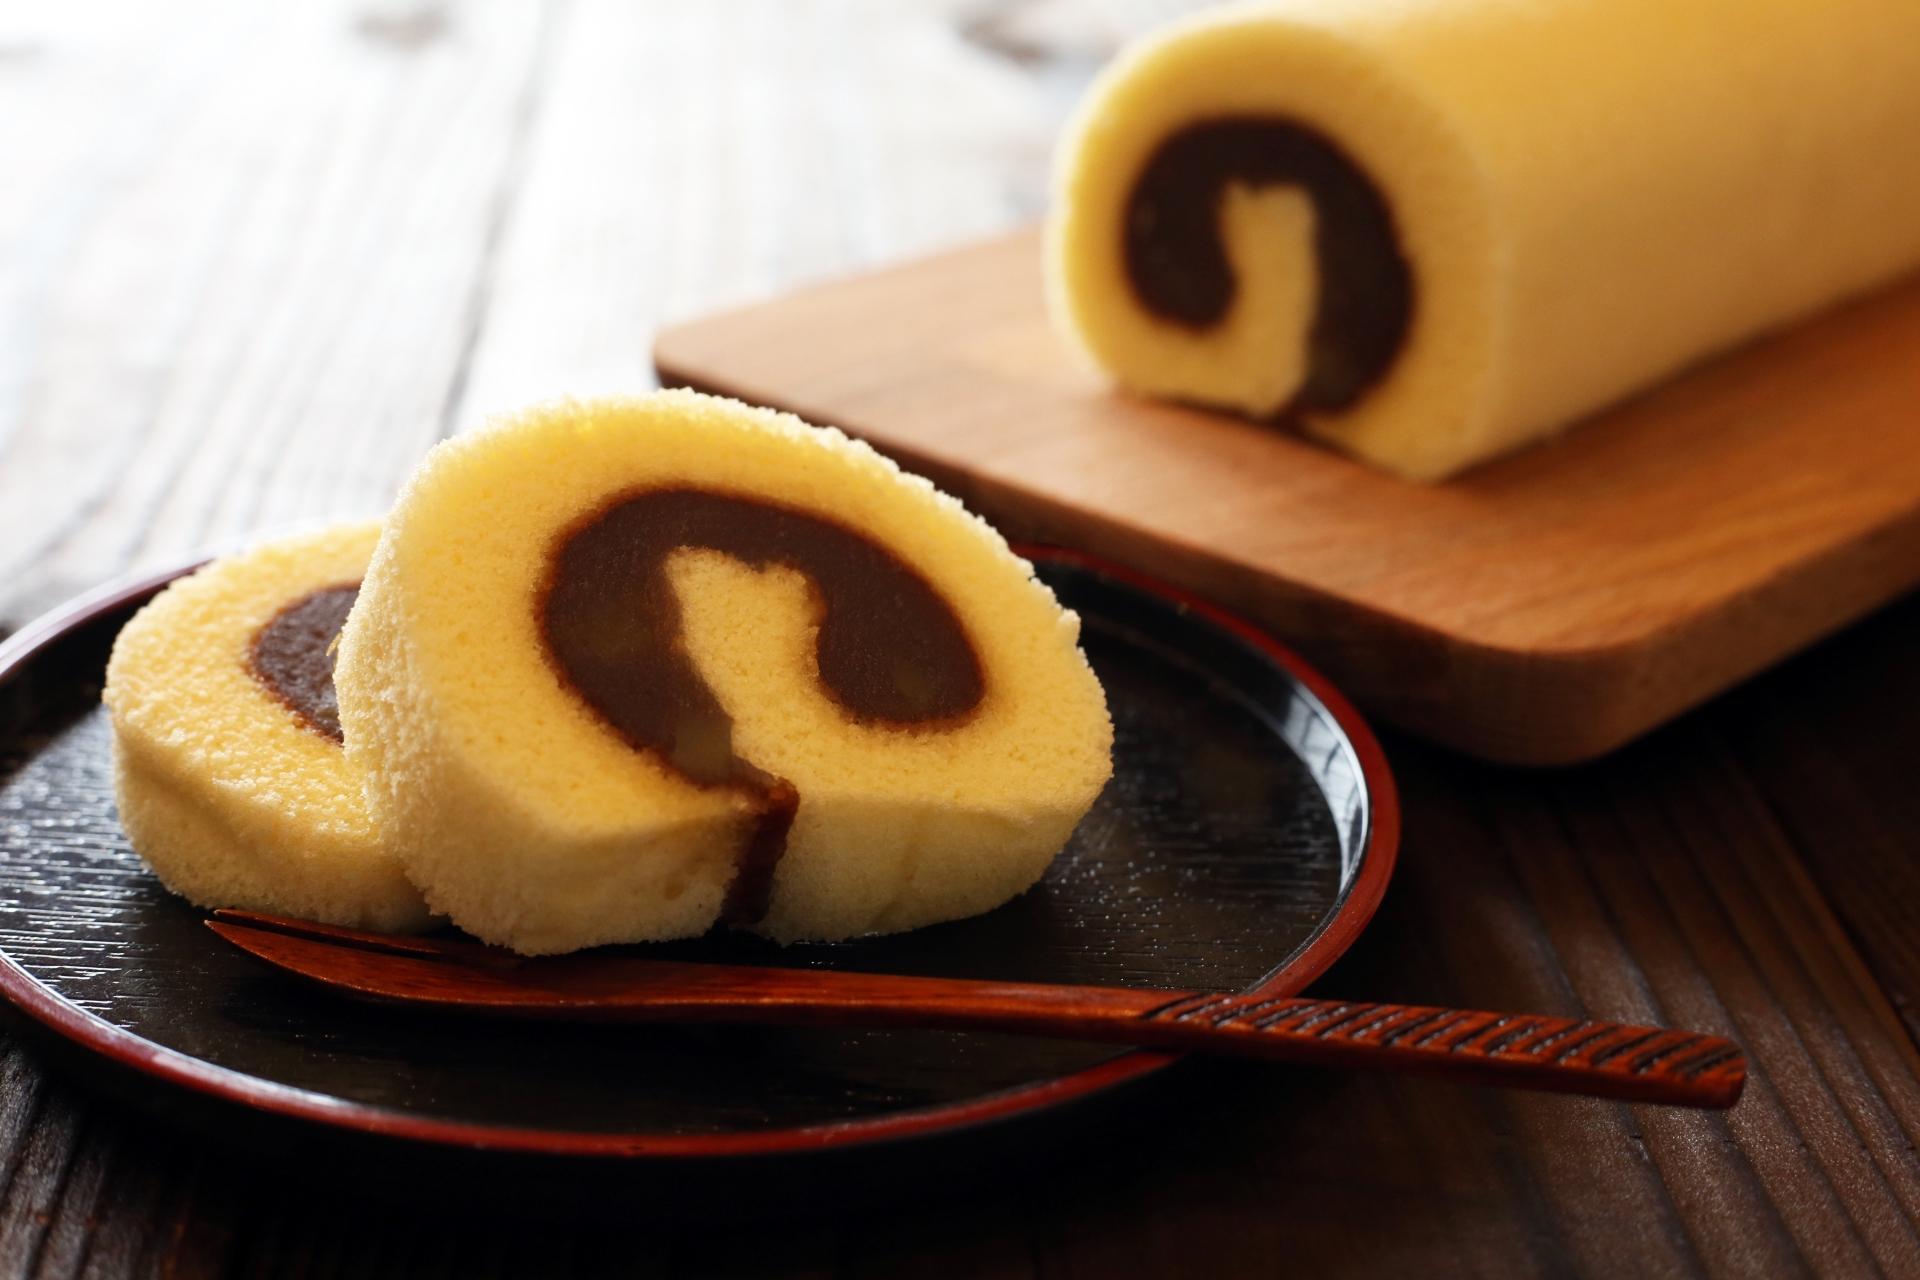 一六タルトはお土産にもおすすめの愛媛のお菓子!名前の由来や人気の理由は?